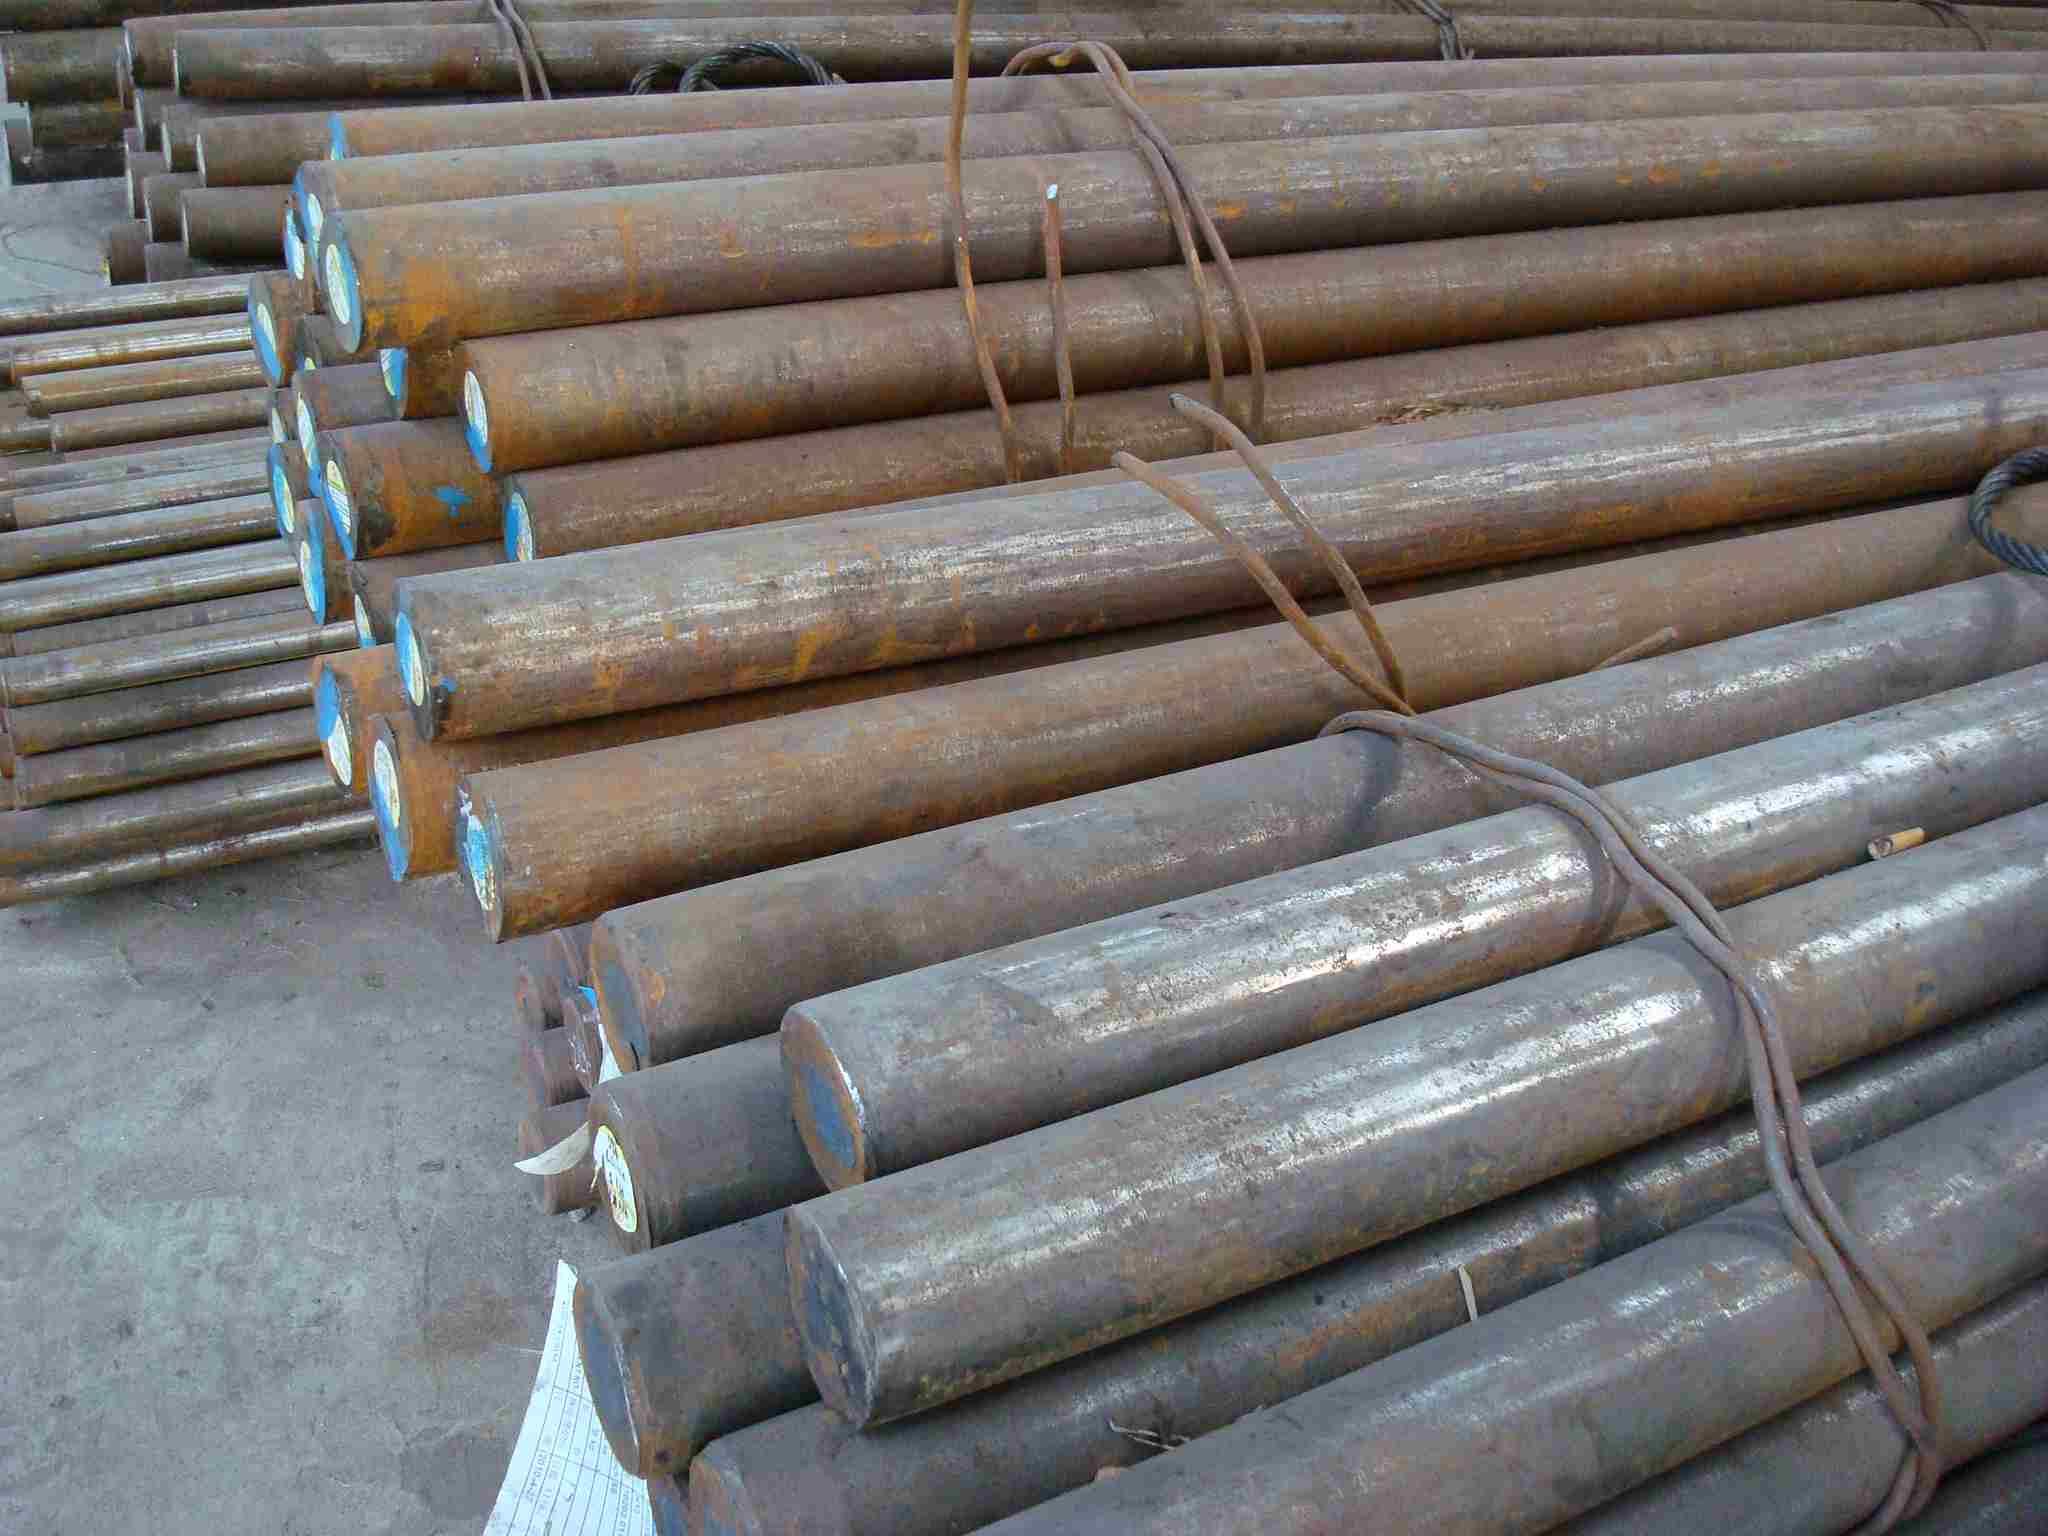 針對不銹鋼管廠家的拋光工藝指那些呢